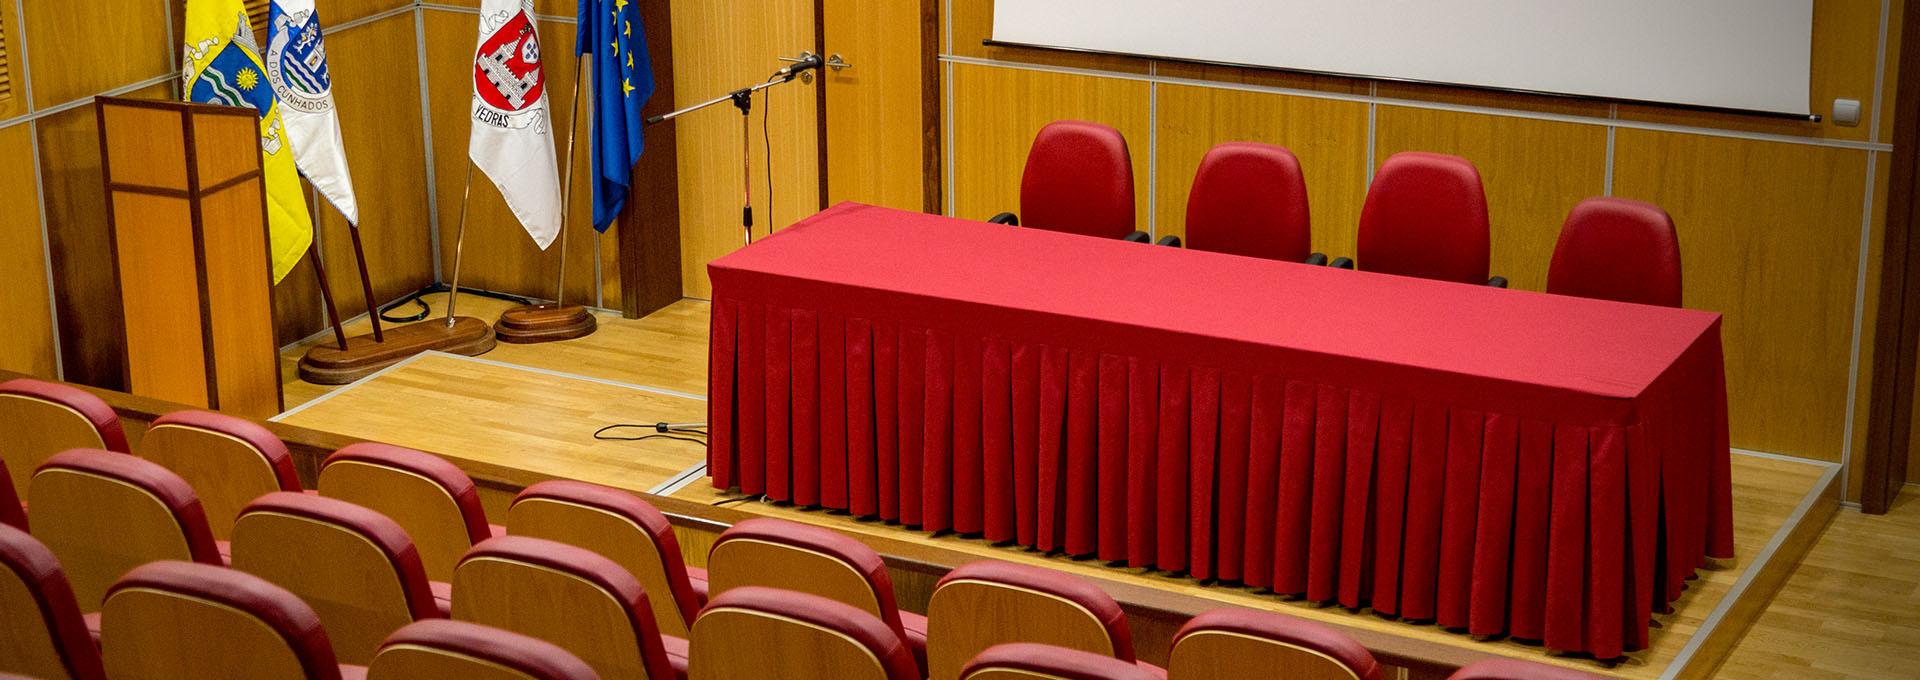 Assembleia União de Freguesias de A-dos-Cunhados e Maceira